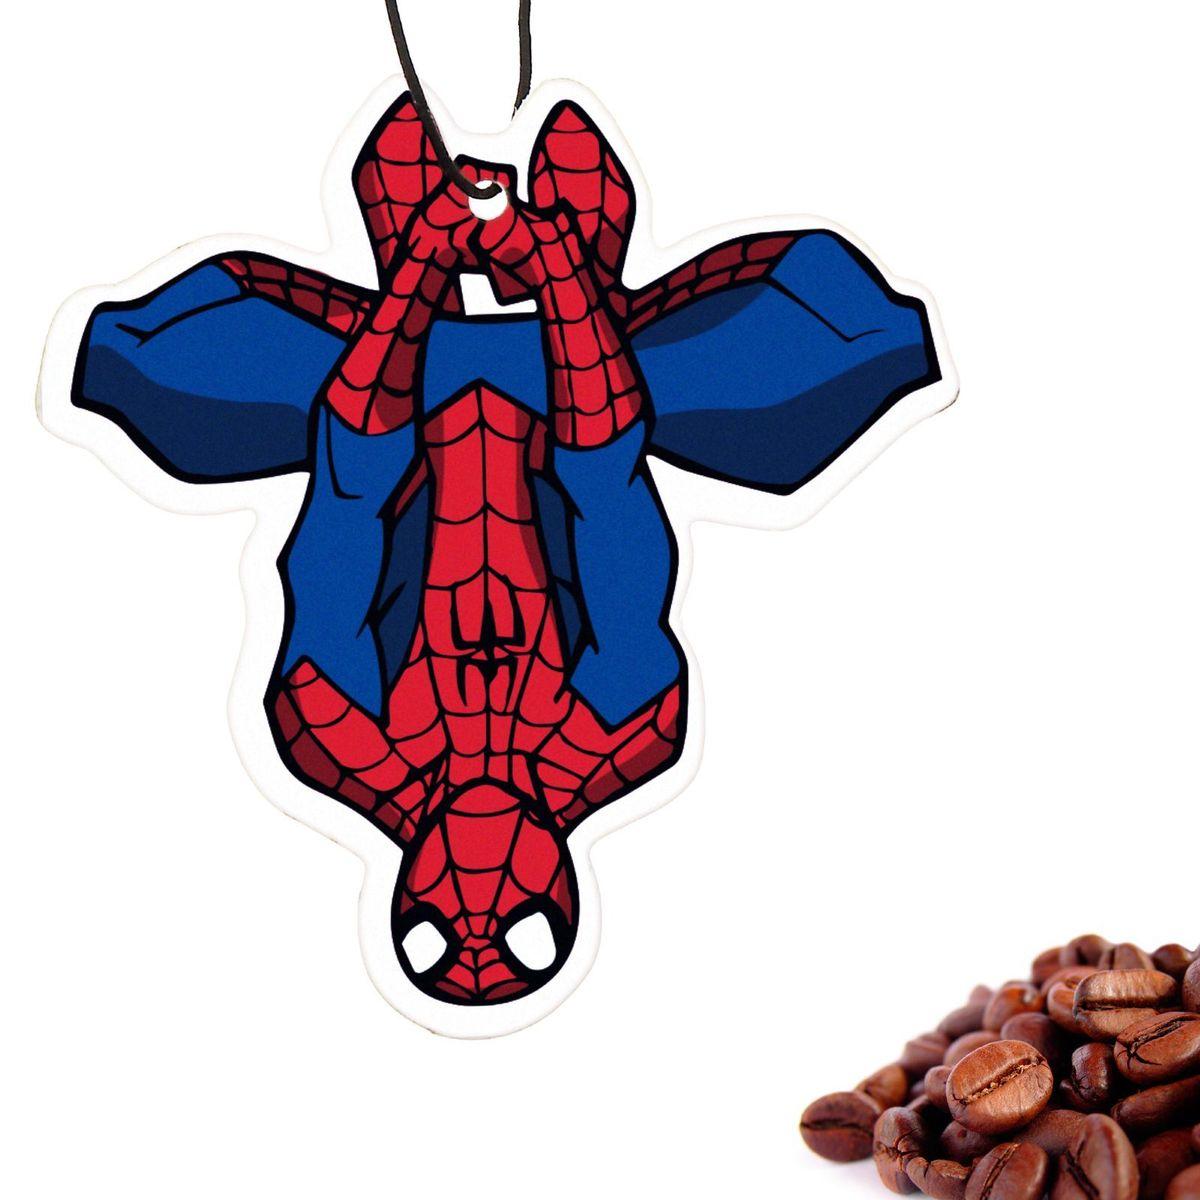 Ароматизатор автомобильный Marvel Spiderman 4. Заряд бодрости, 8,9 х 15,9 см1149013Яркость в серые городские будни и скучную езду по пробкам добавит ароматизатор Marvel Spiderman 4. Заряд бодрости. В нем сочетаются эксклюзивный дизайн и приятный аромат. Если у вас нет автомобиля - не беда! Повесьте ароматизатор дома или на работе и наслаждайтесь чудесным благоуханием.